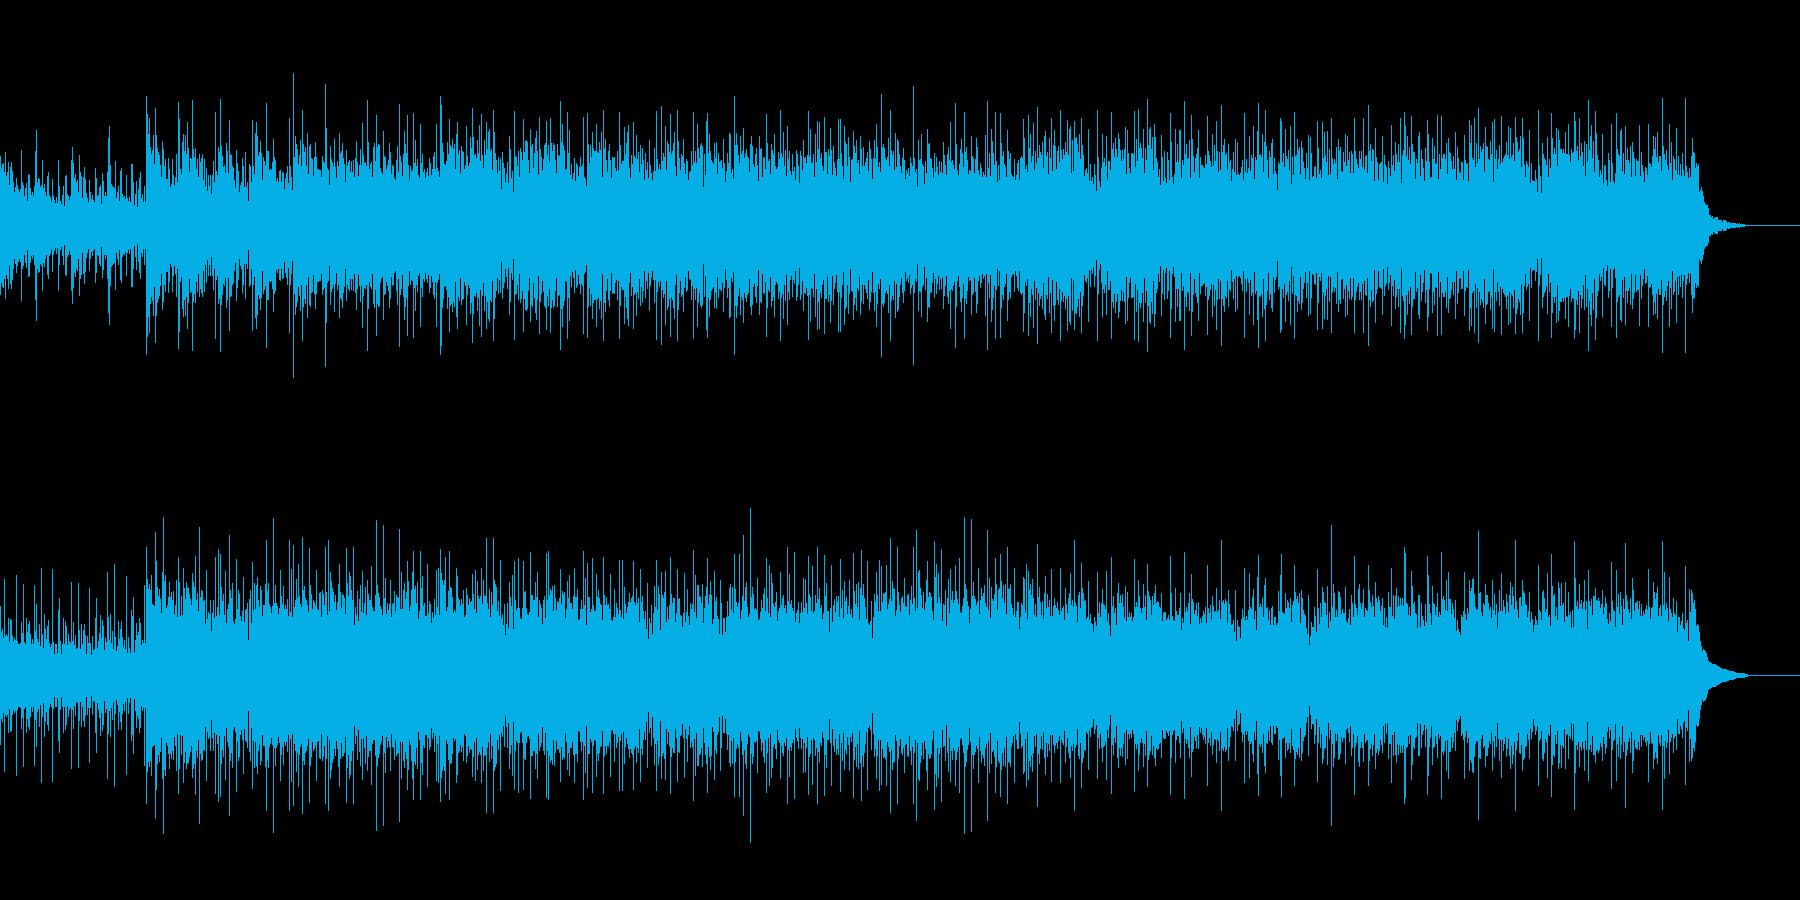 【ギター】ニュース・天気予報・企業VP用の再生済みの波形